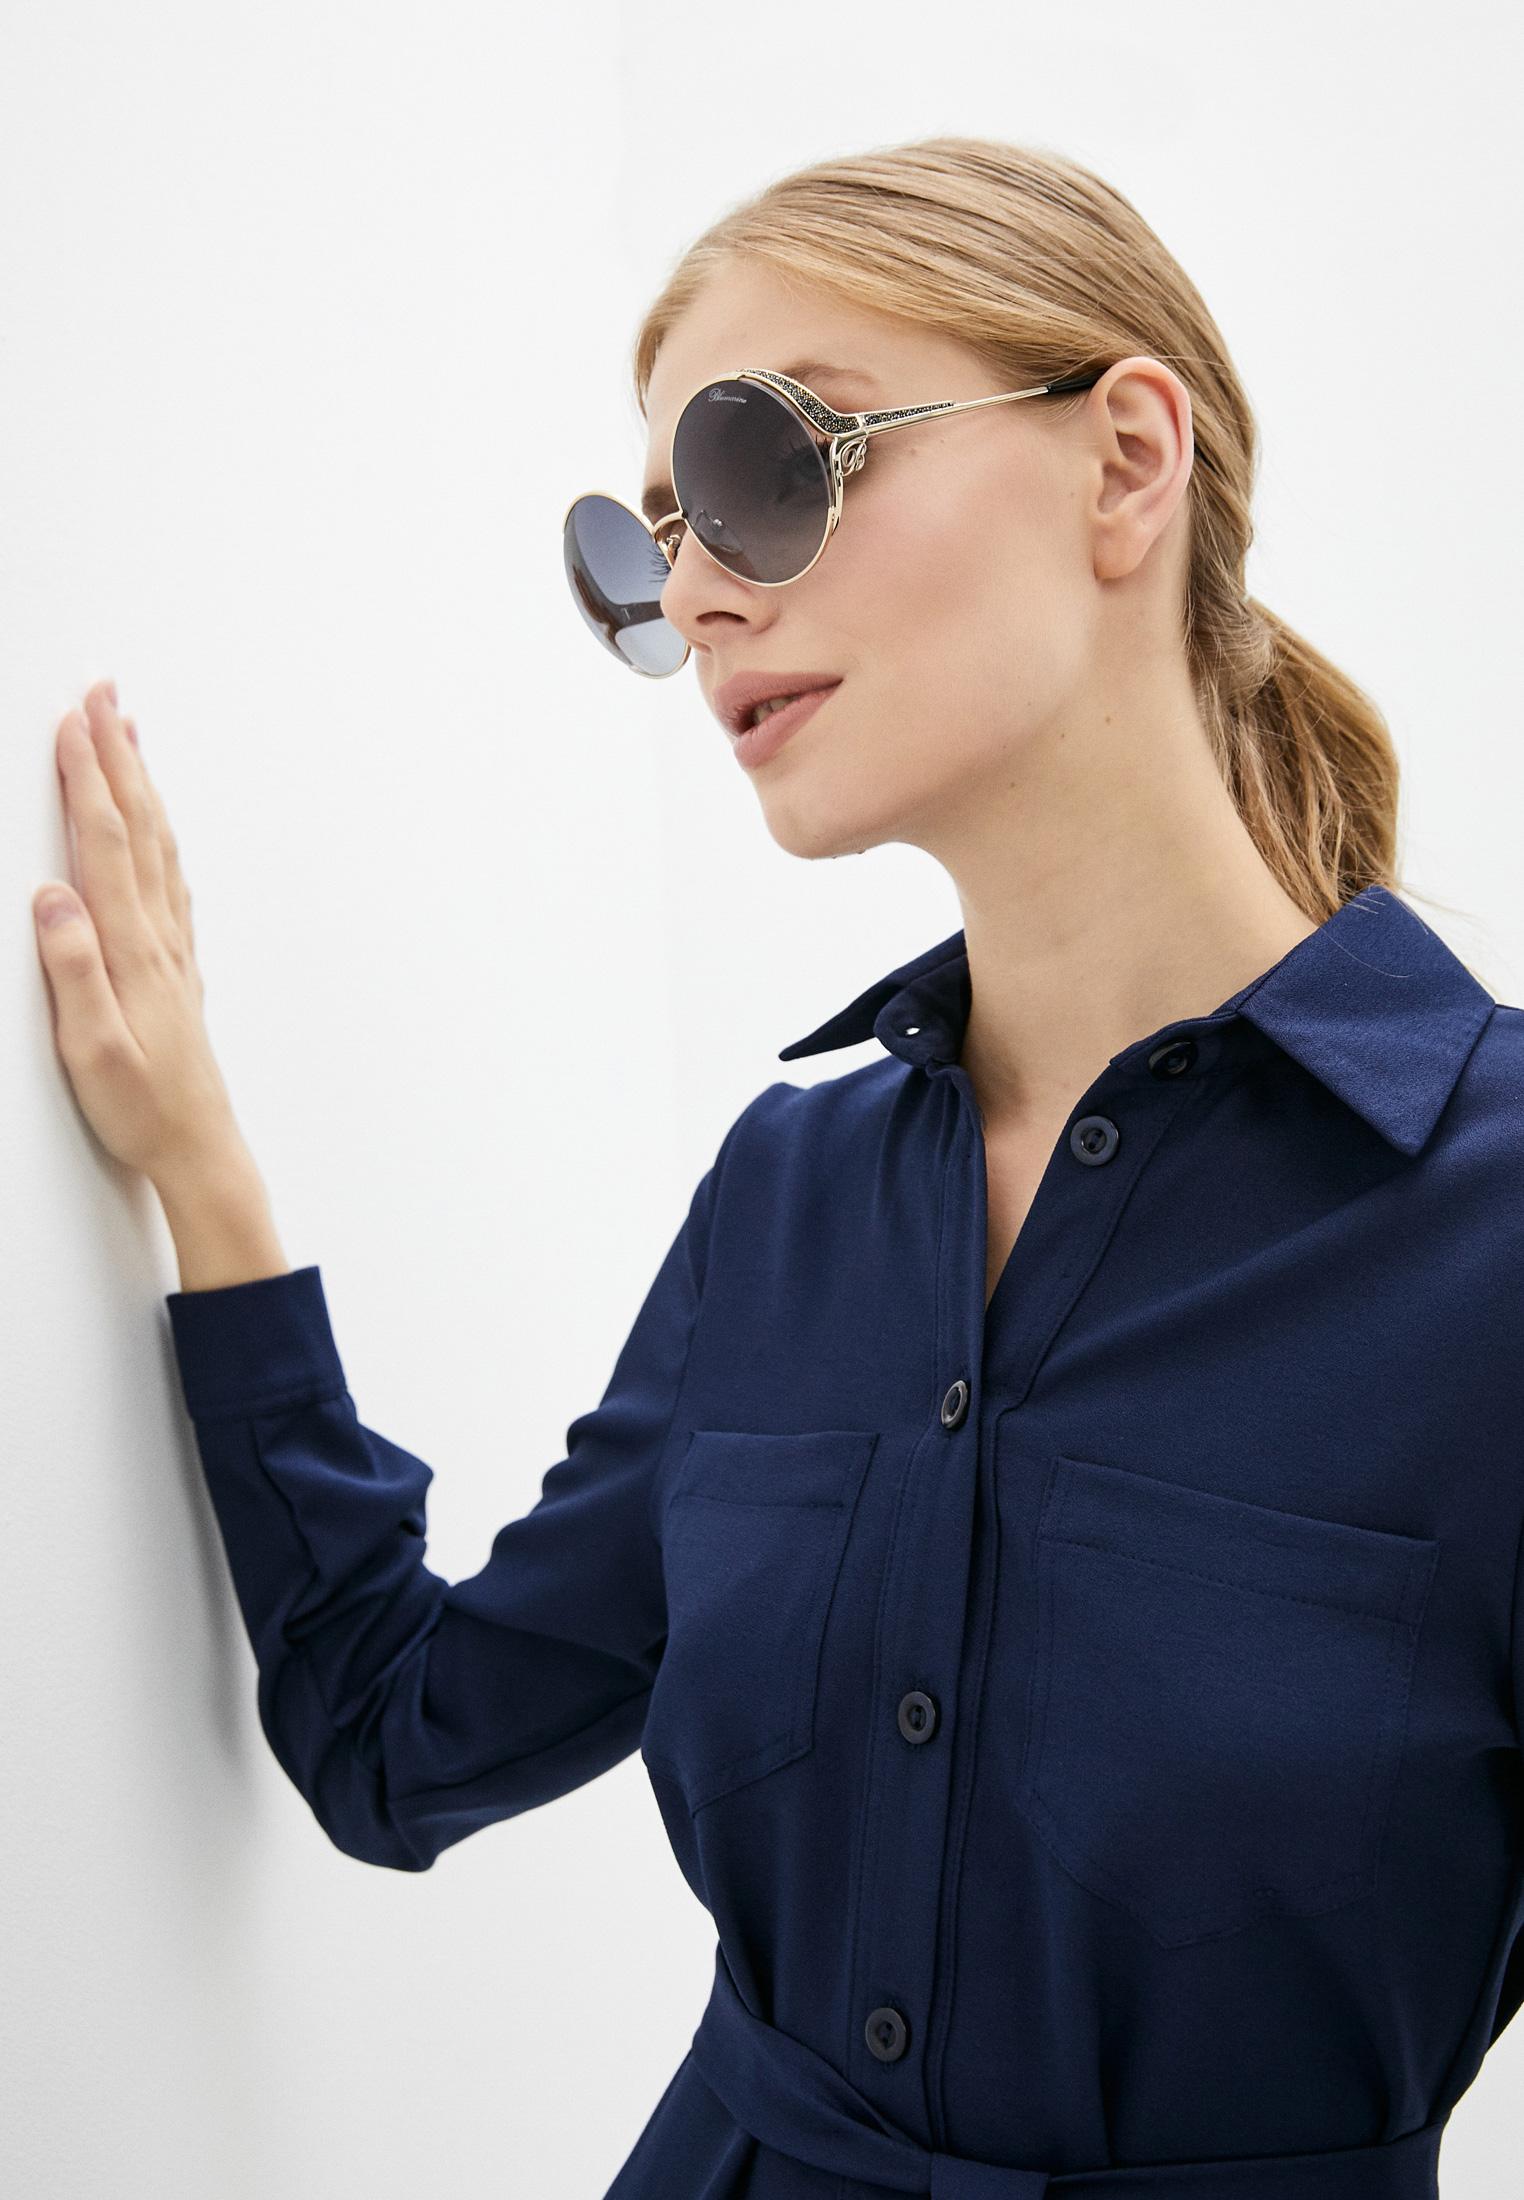 Женские солнцезащитные очки Blumarine Blumarine-139S-300Y: изображение 2